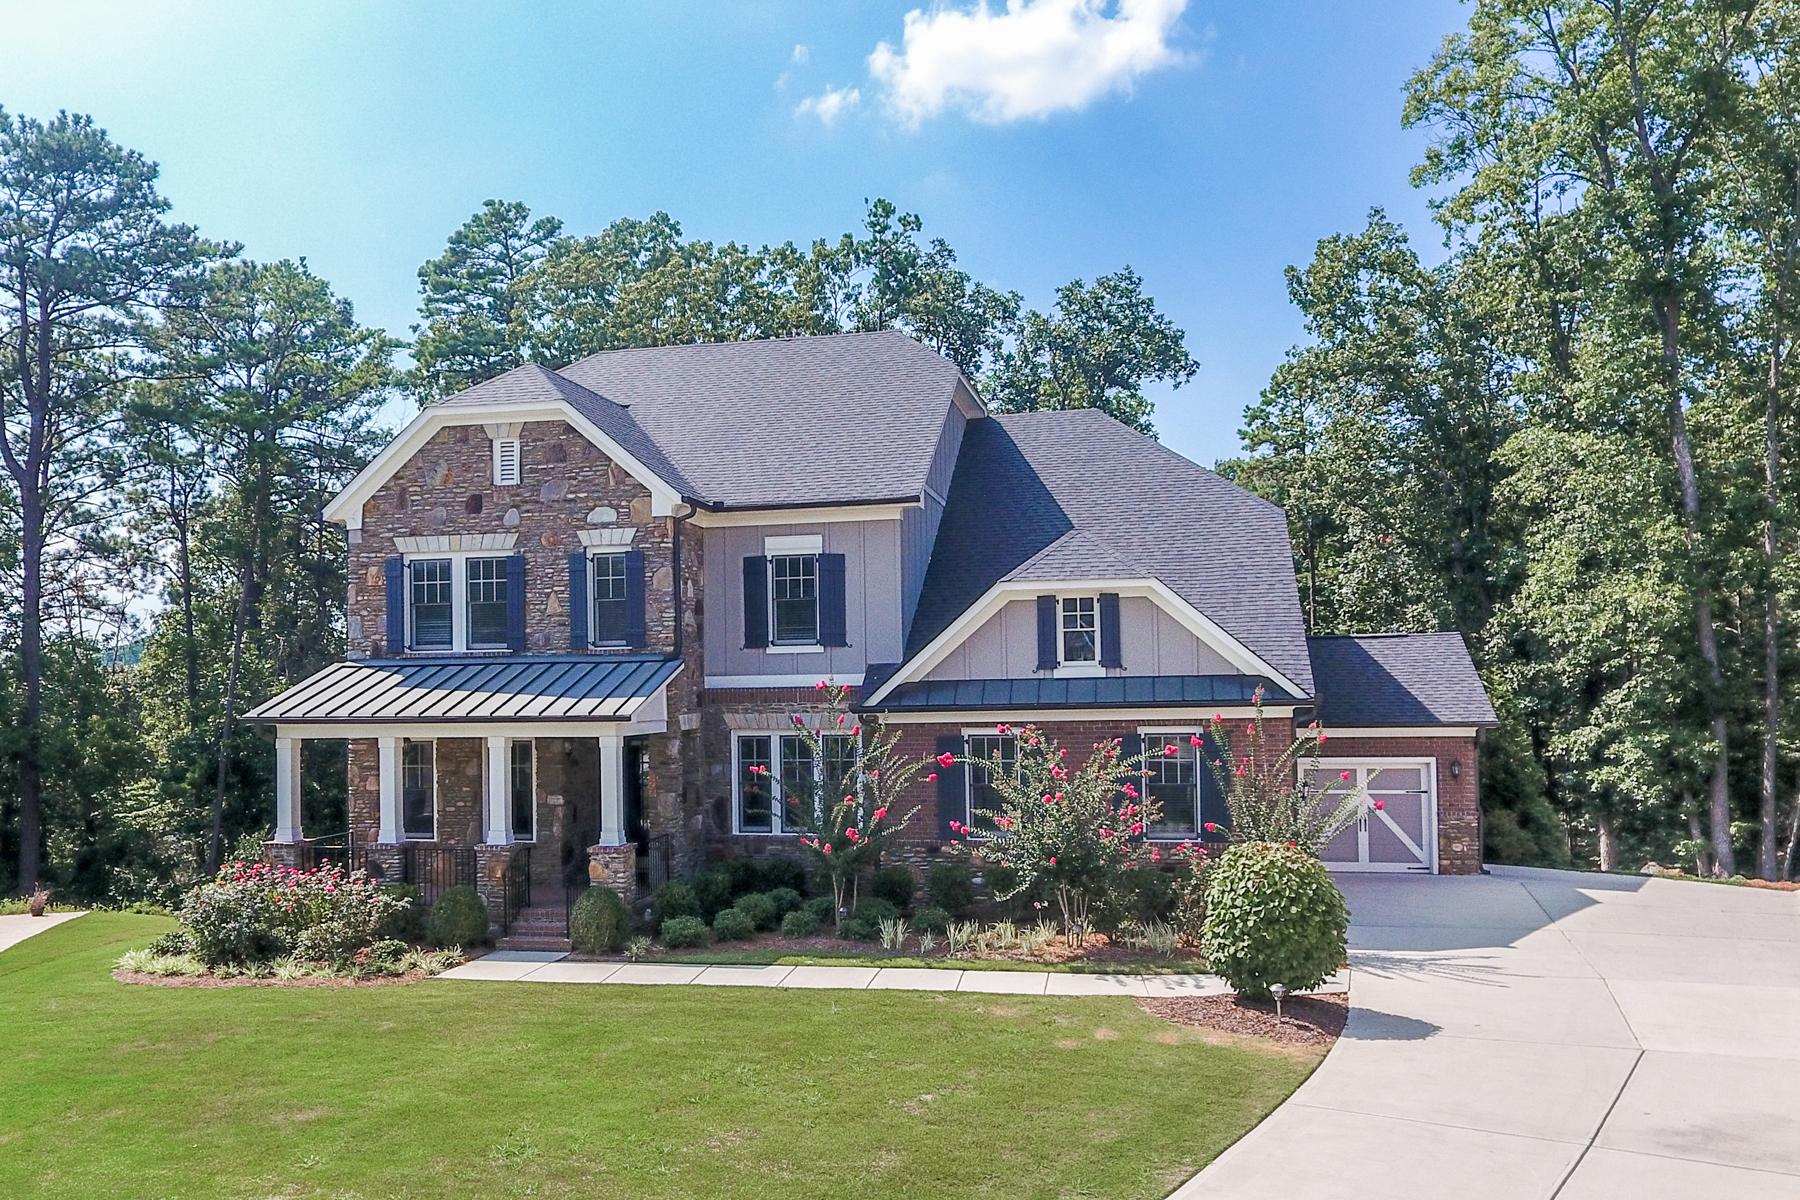 Einfamilienhaus für Verkauf beim Beautiful Home With Mountain Views 1422 Kings Park Drive Kennesaw, Georgia, 30152 Vereinigte Staaten